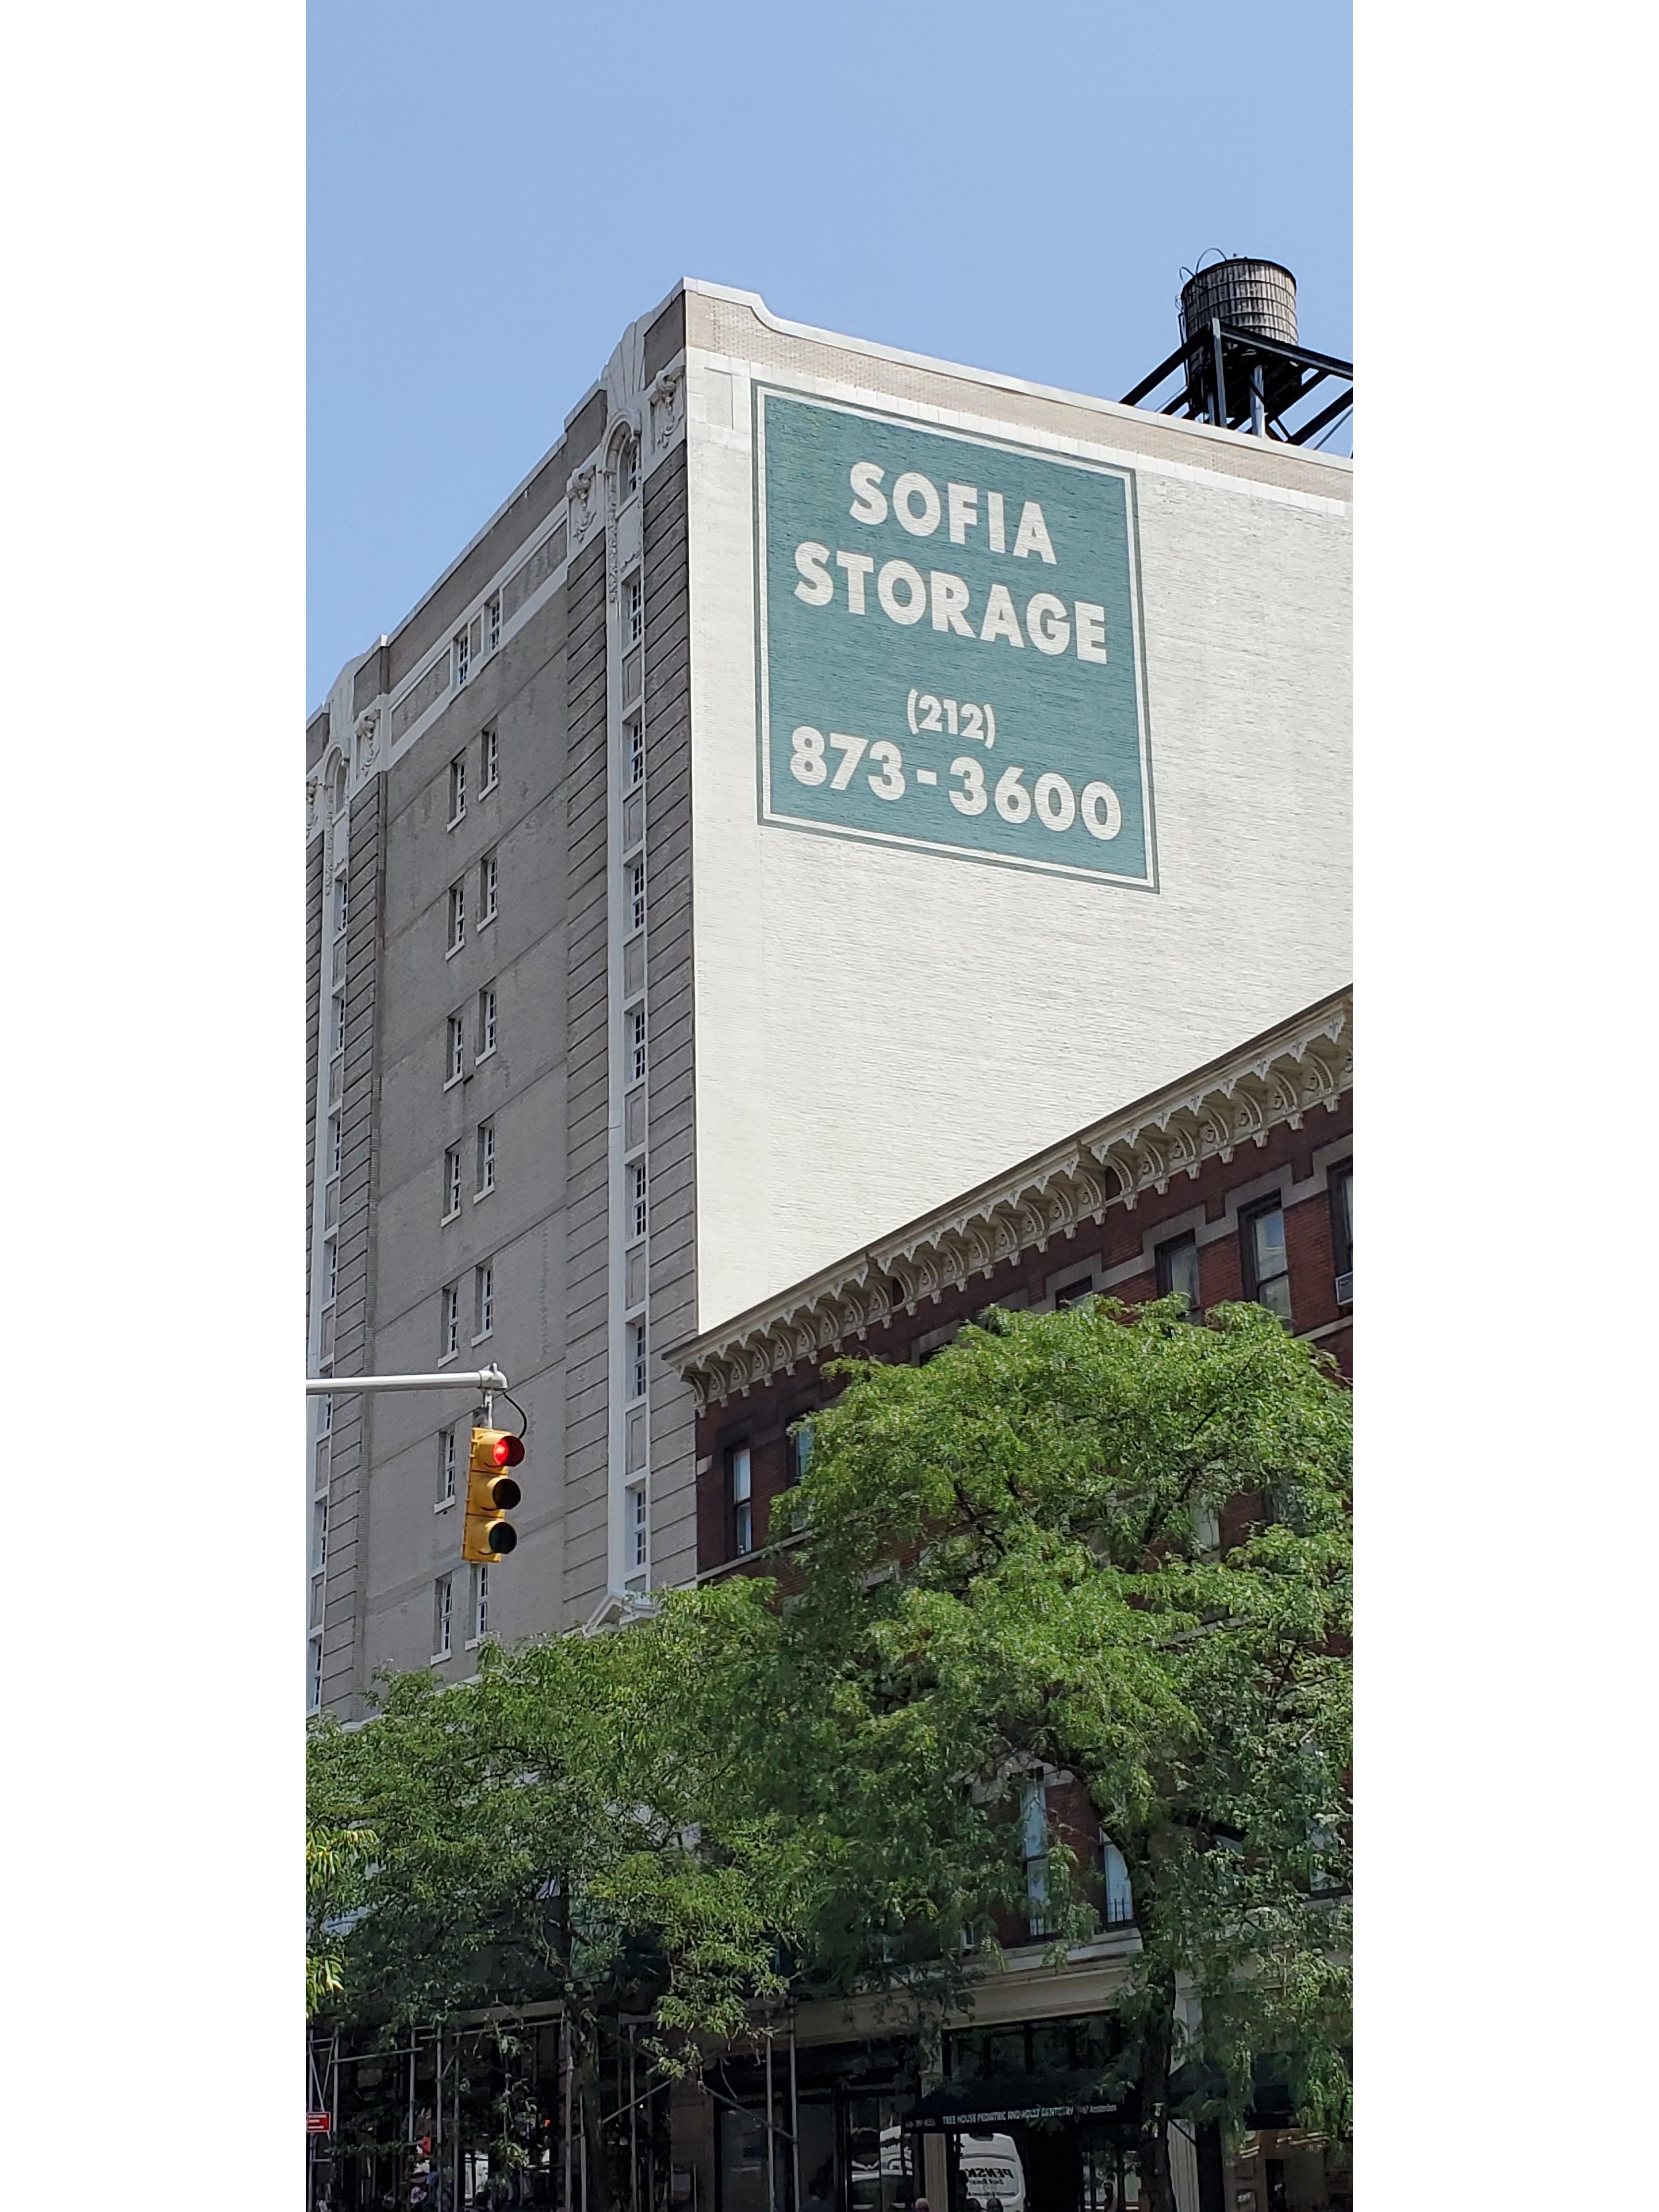 sofia storage building